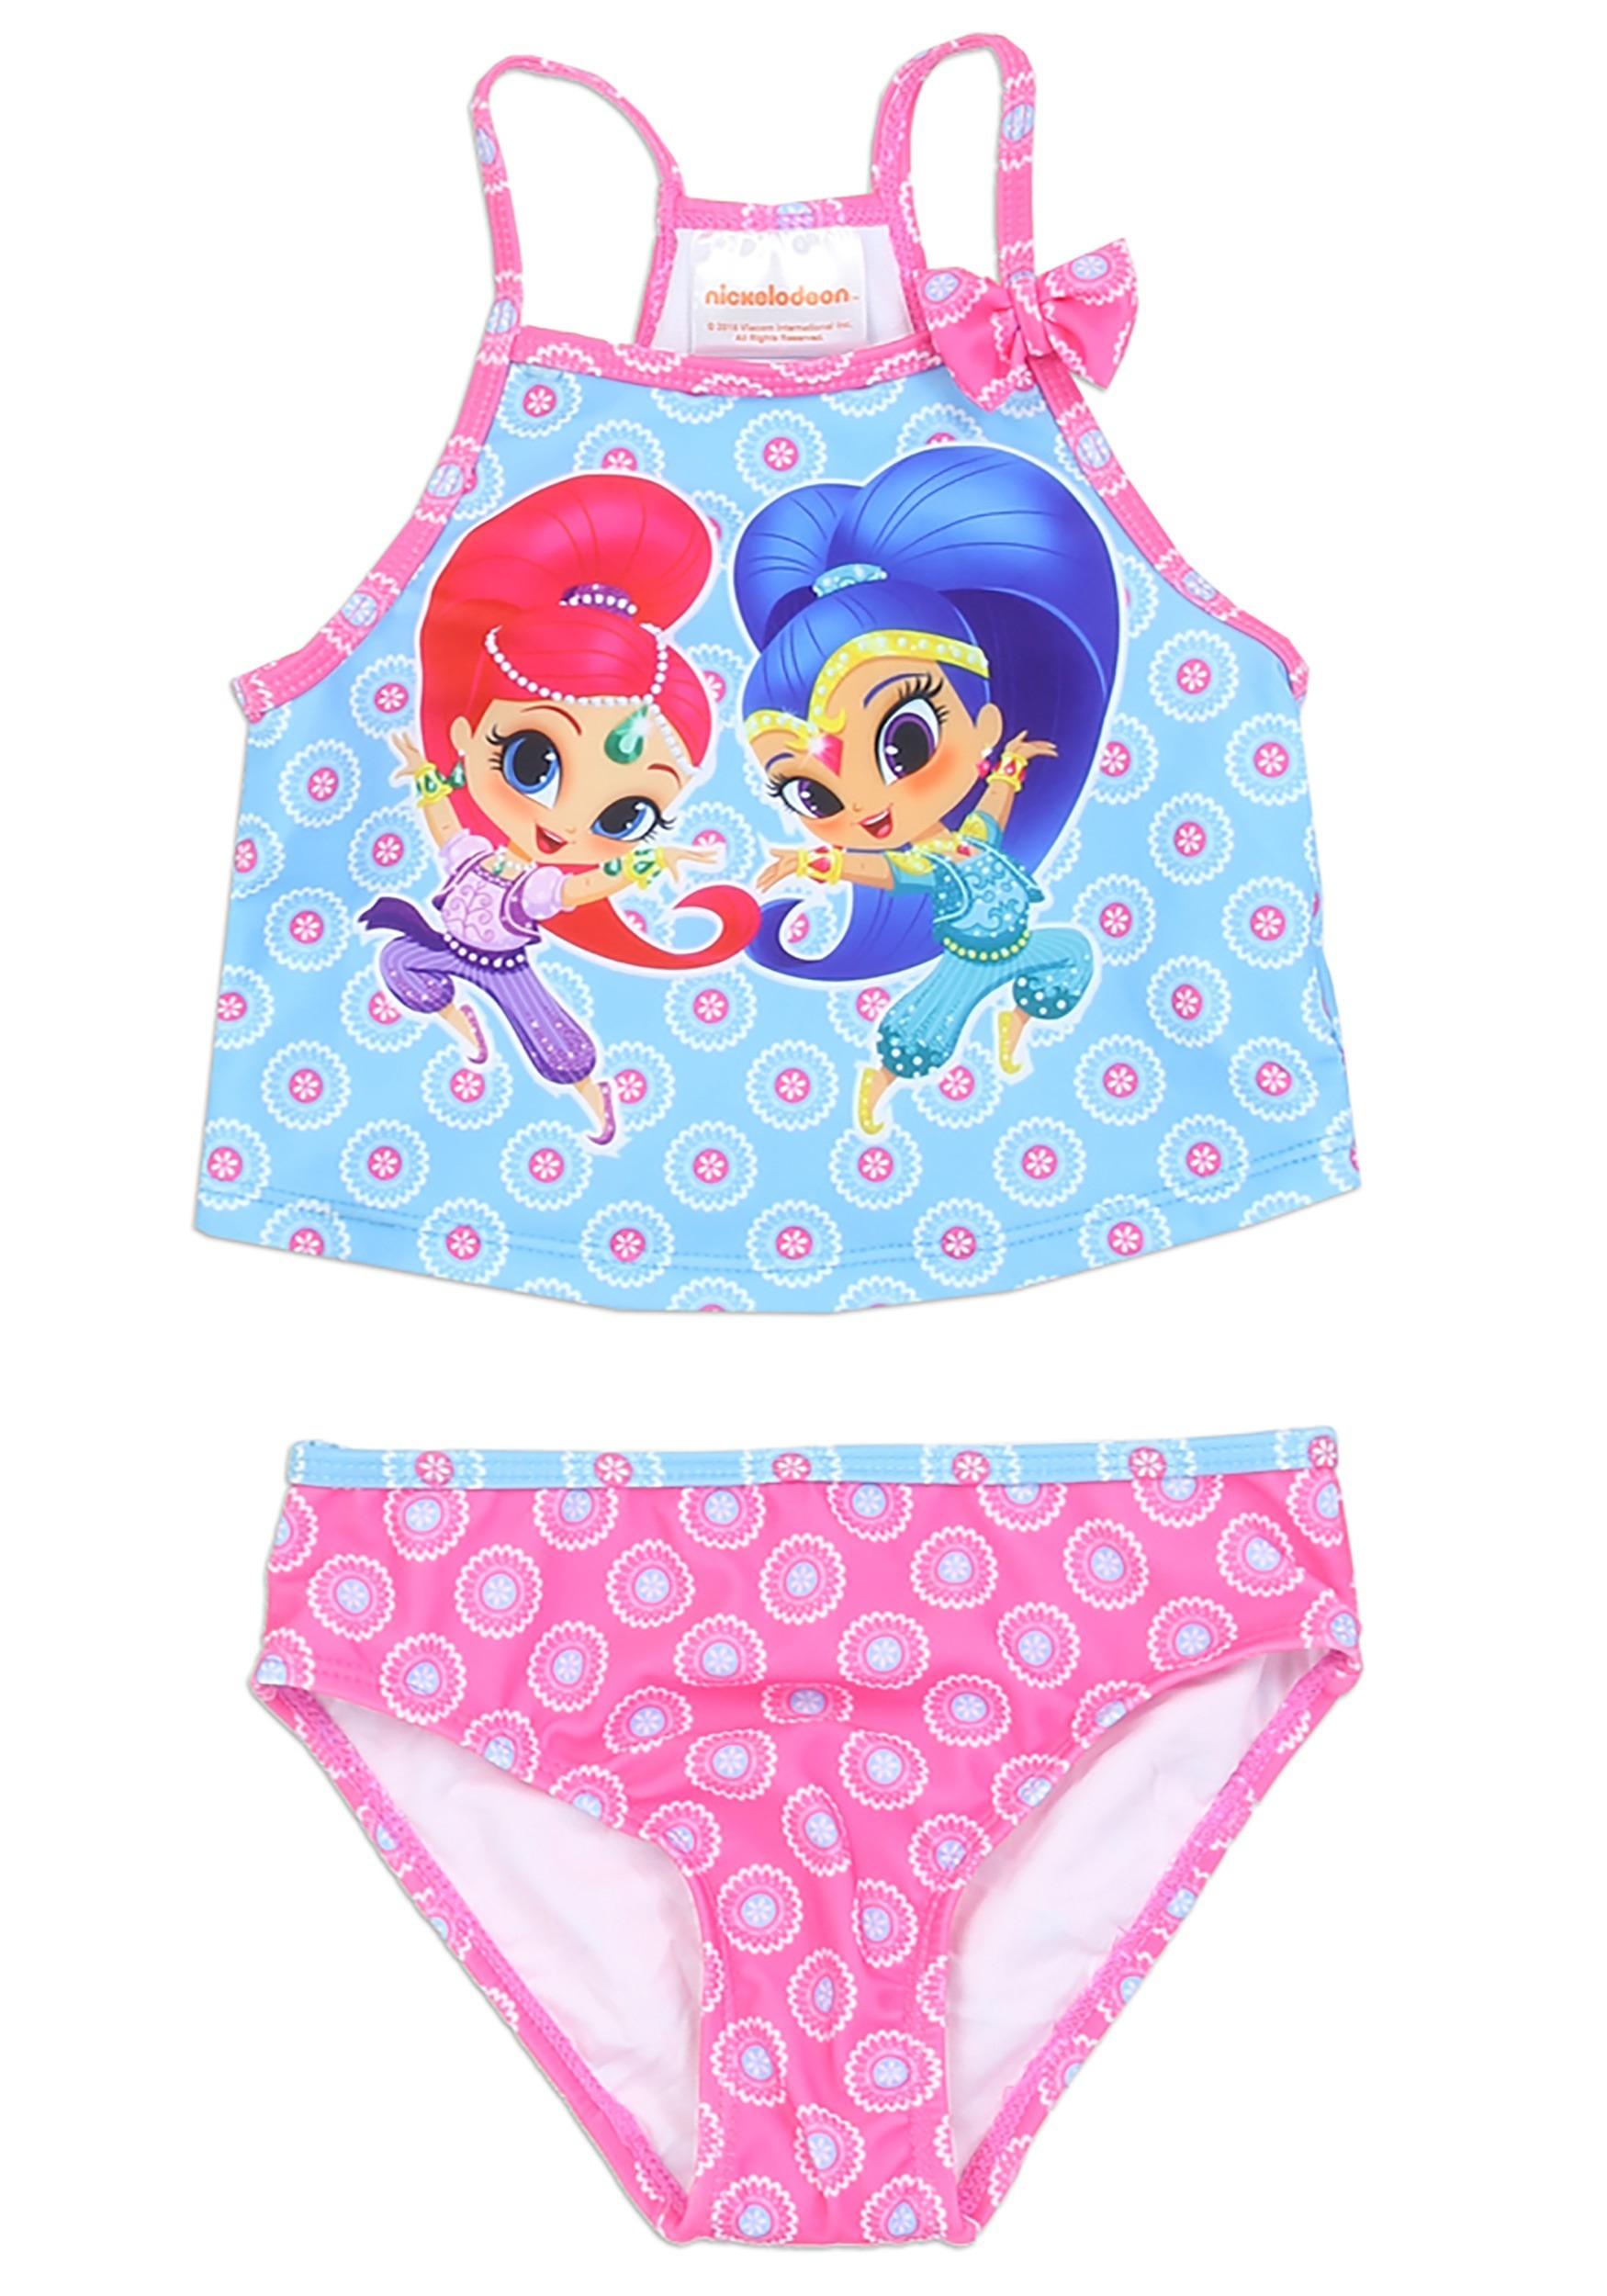 Shimmer & Shine Toddler Swimsuit